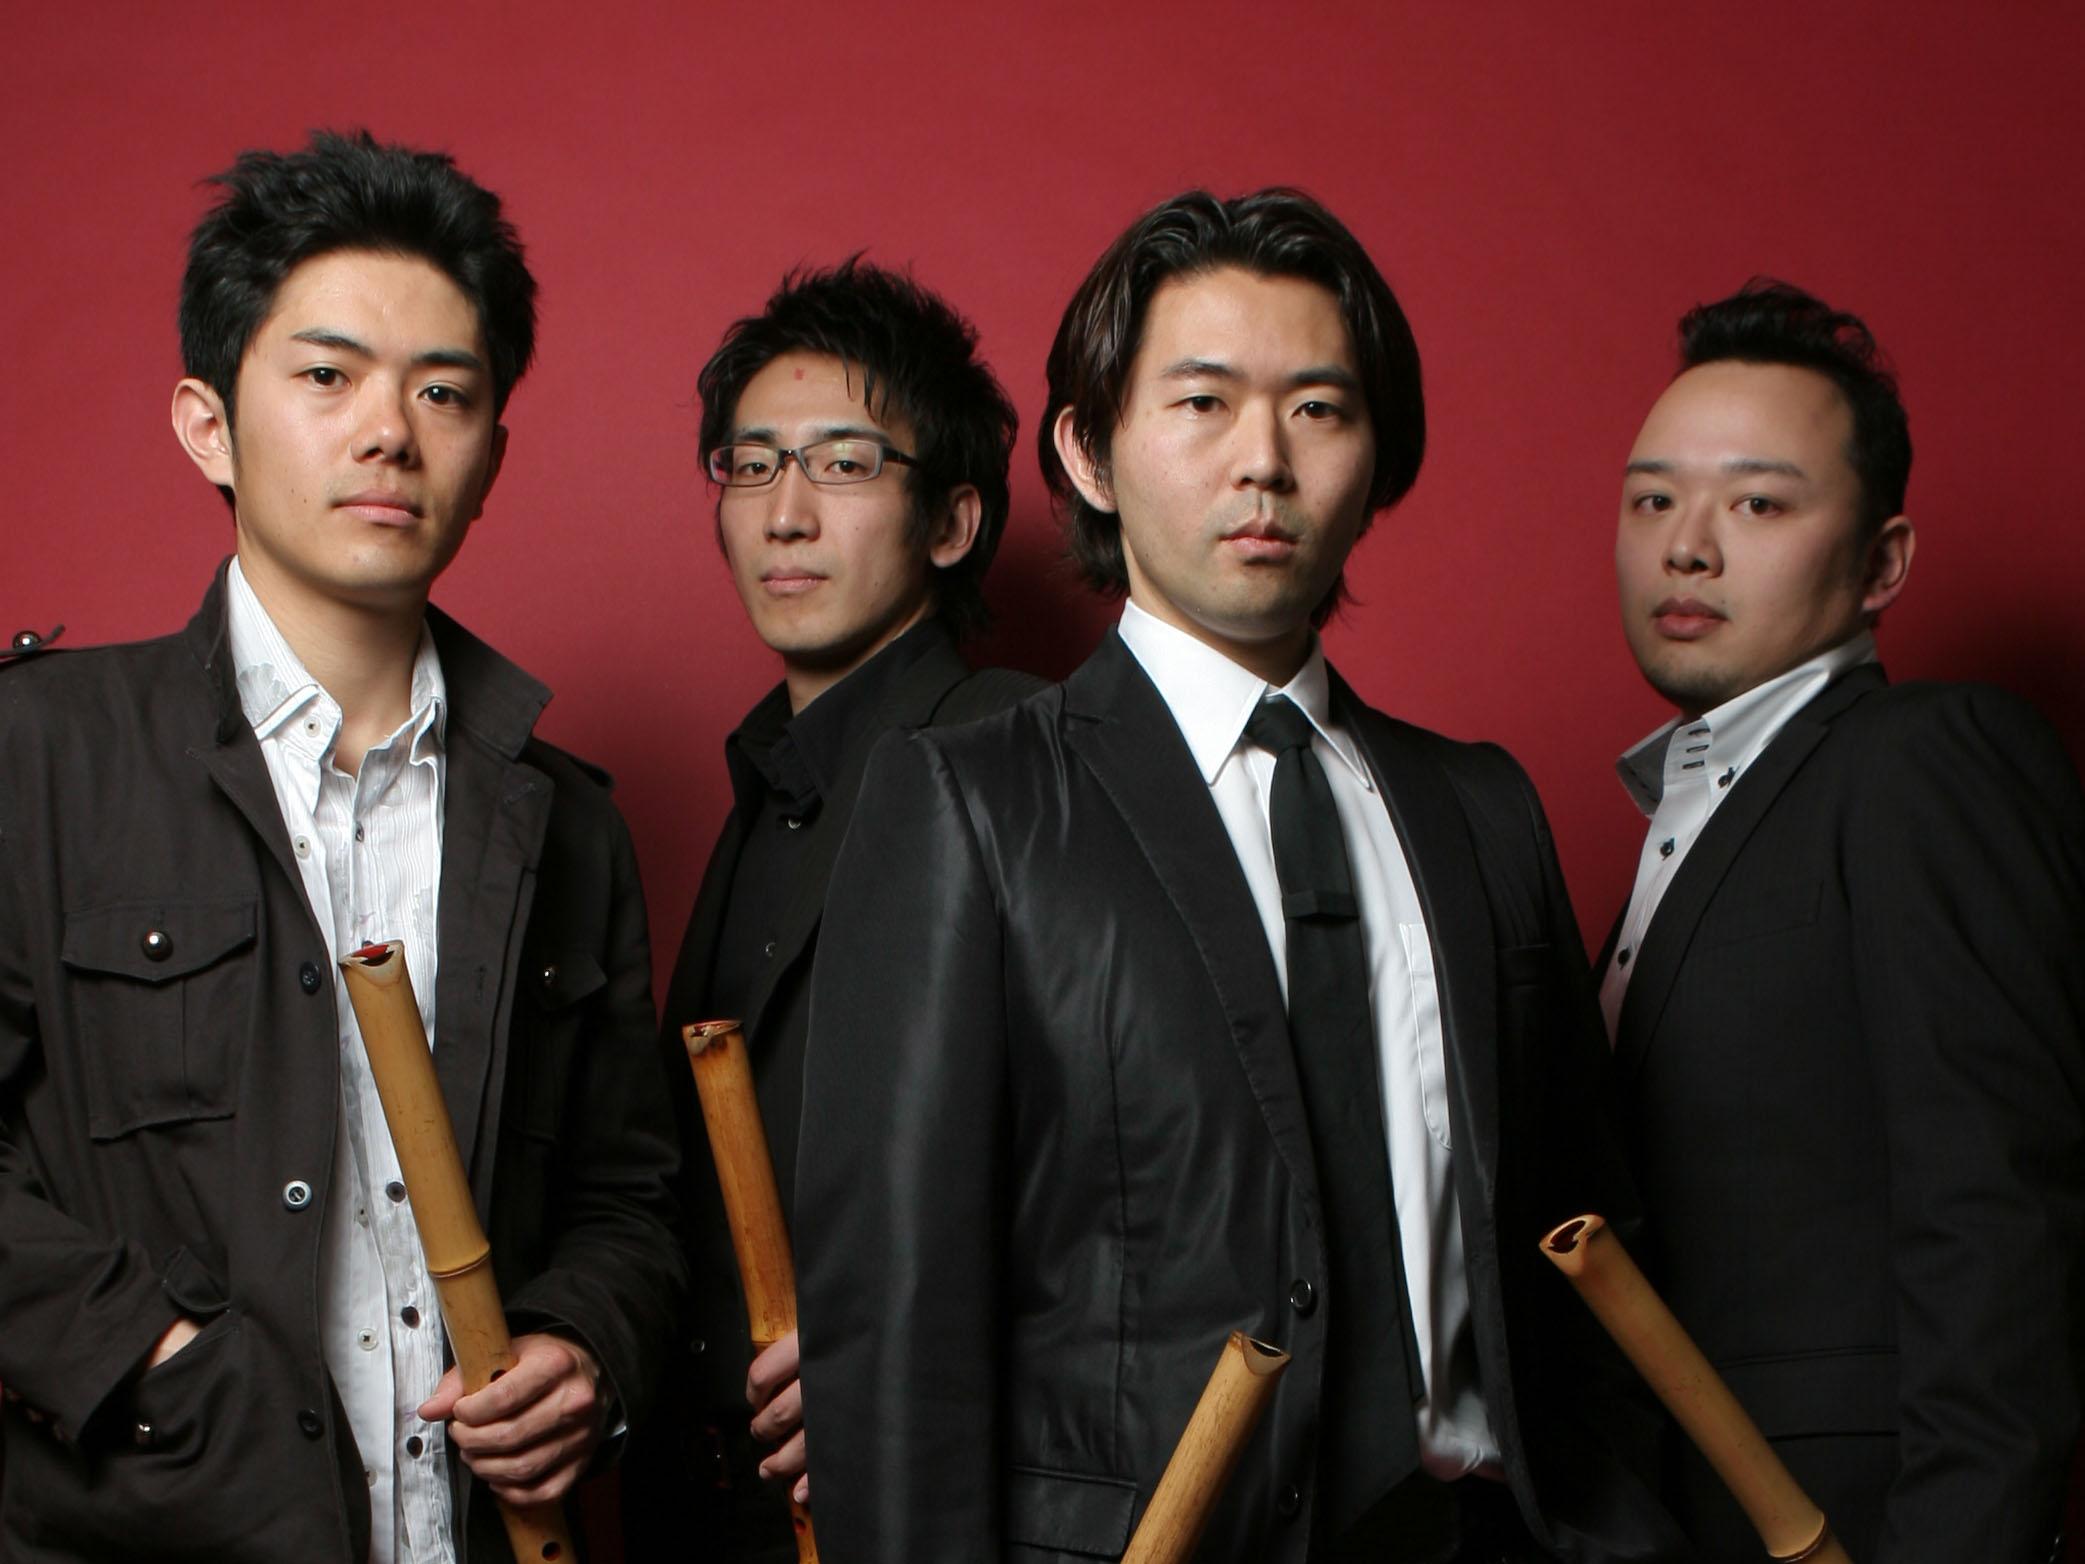 破竹-HACHIKU-尺八四重奏団